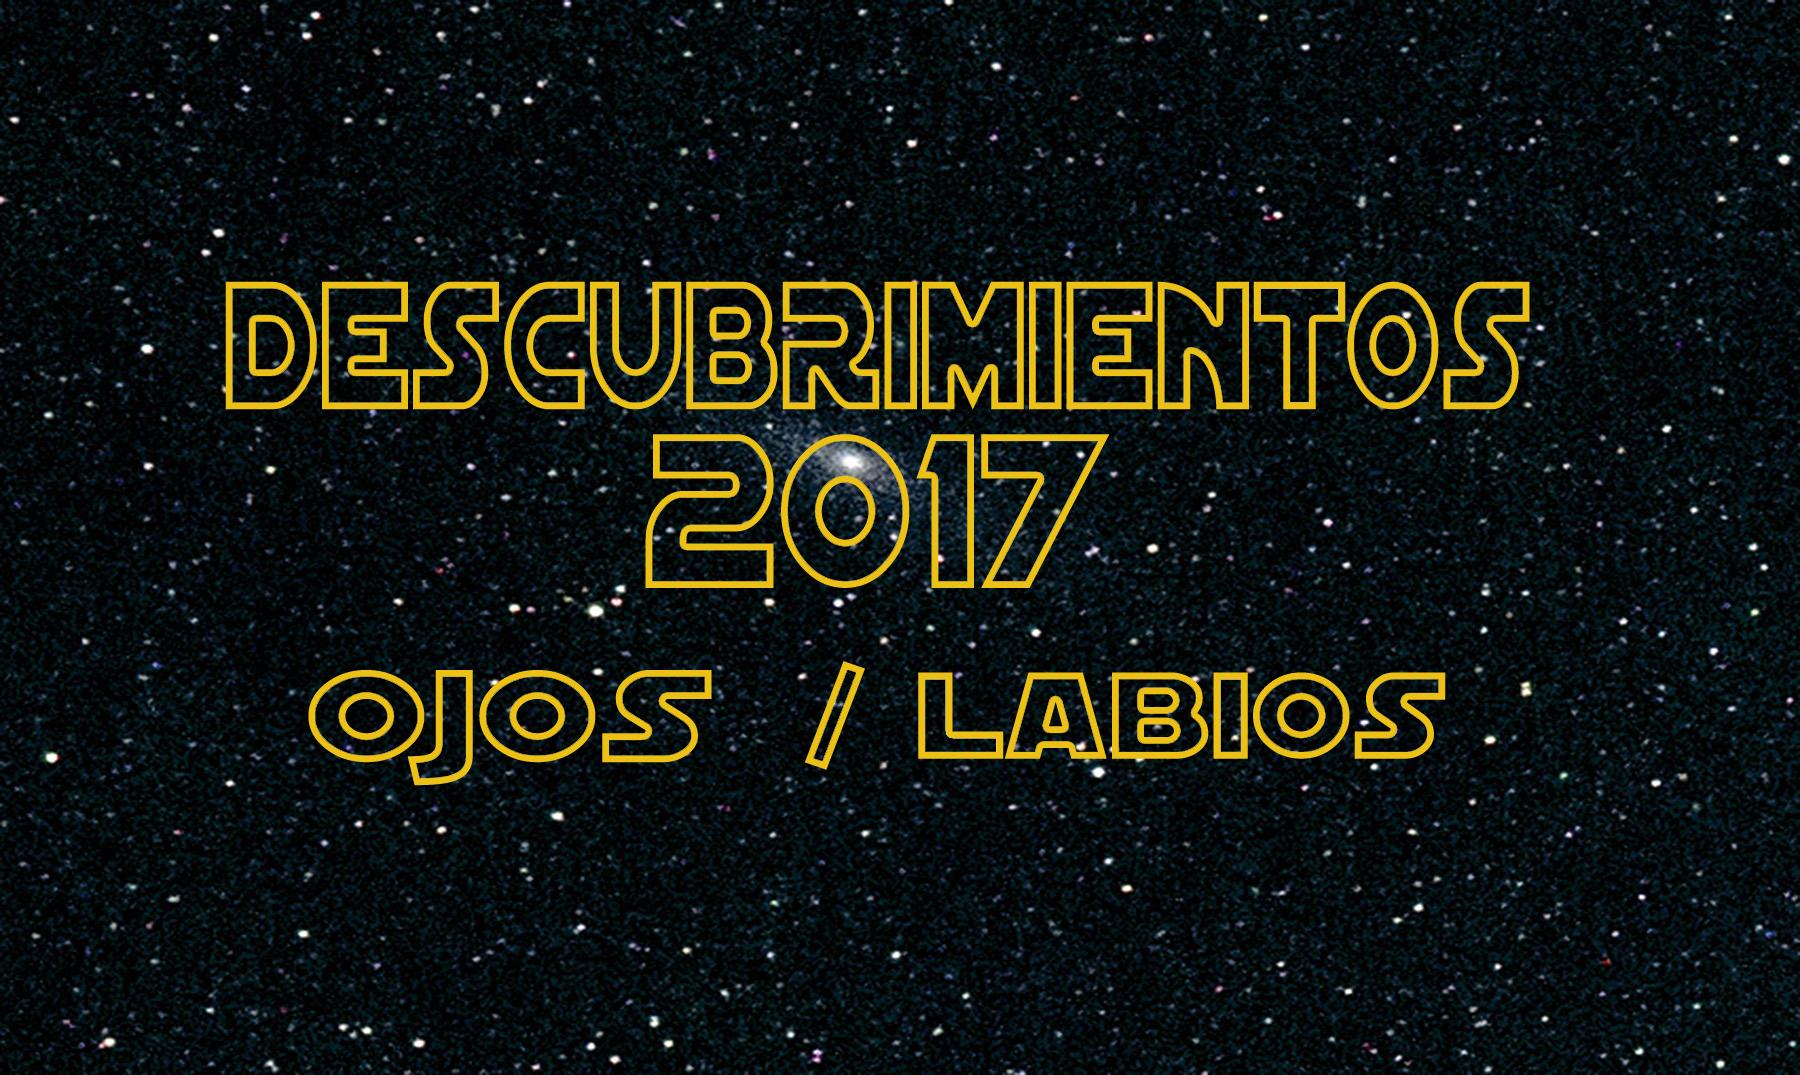 DESCUBRIMIENTOS 2017: OJOS Y LABIOS.